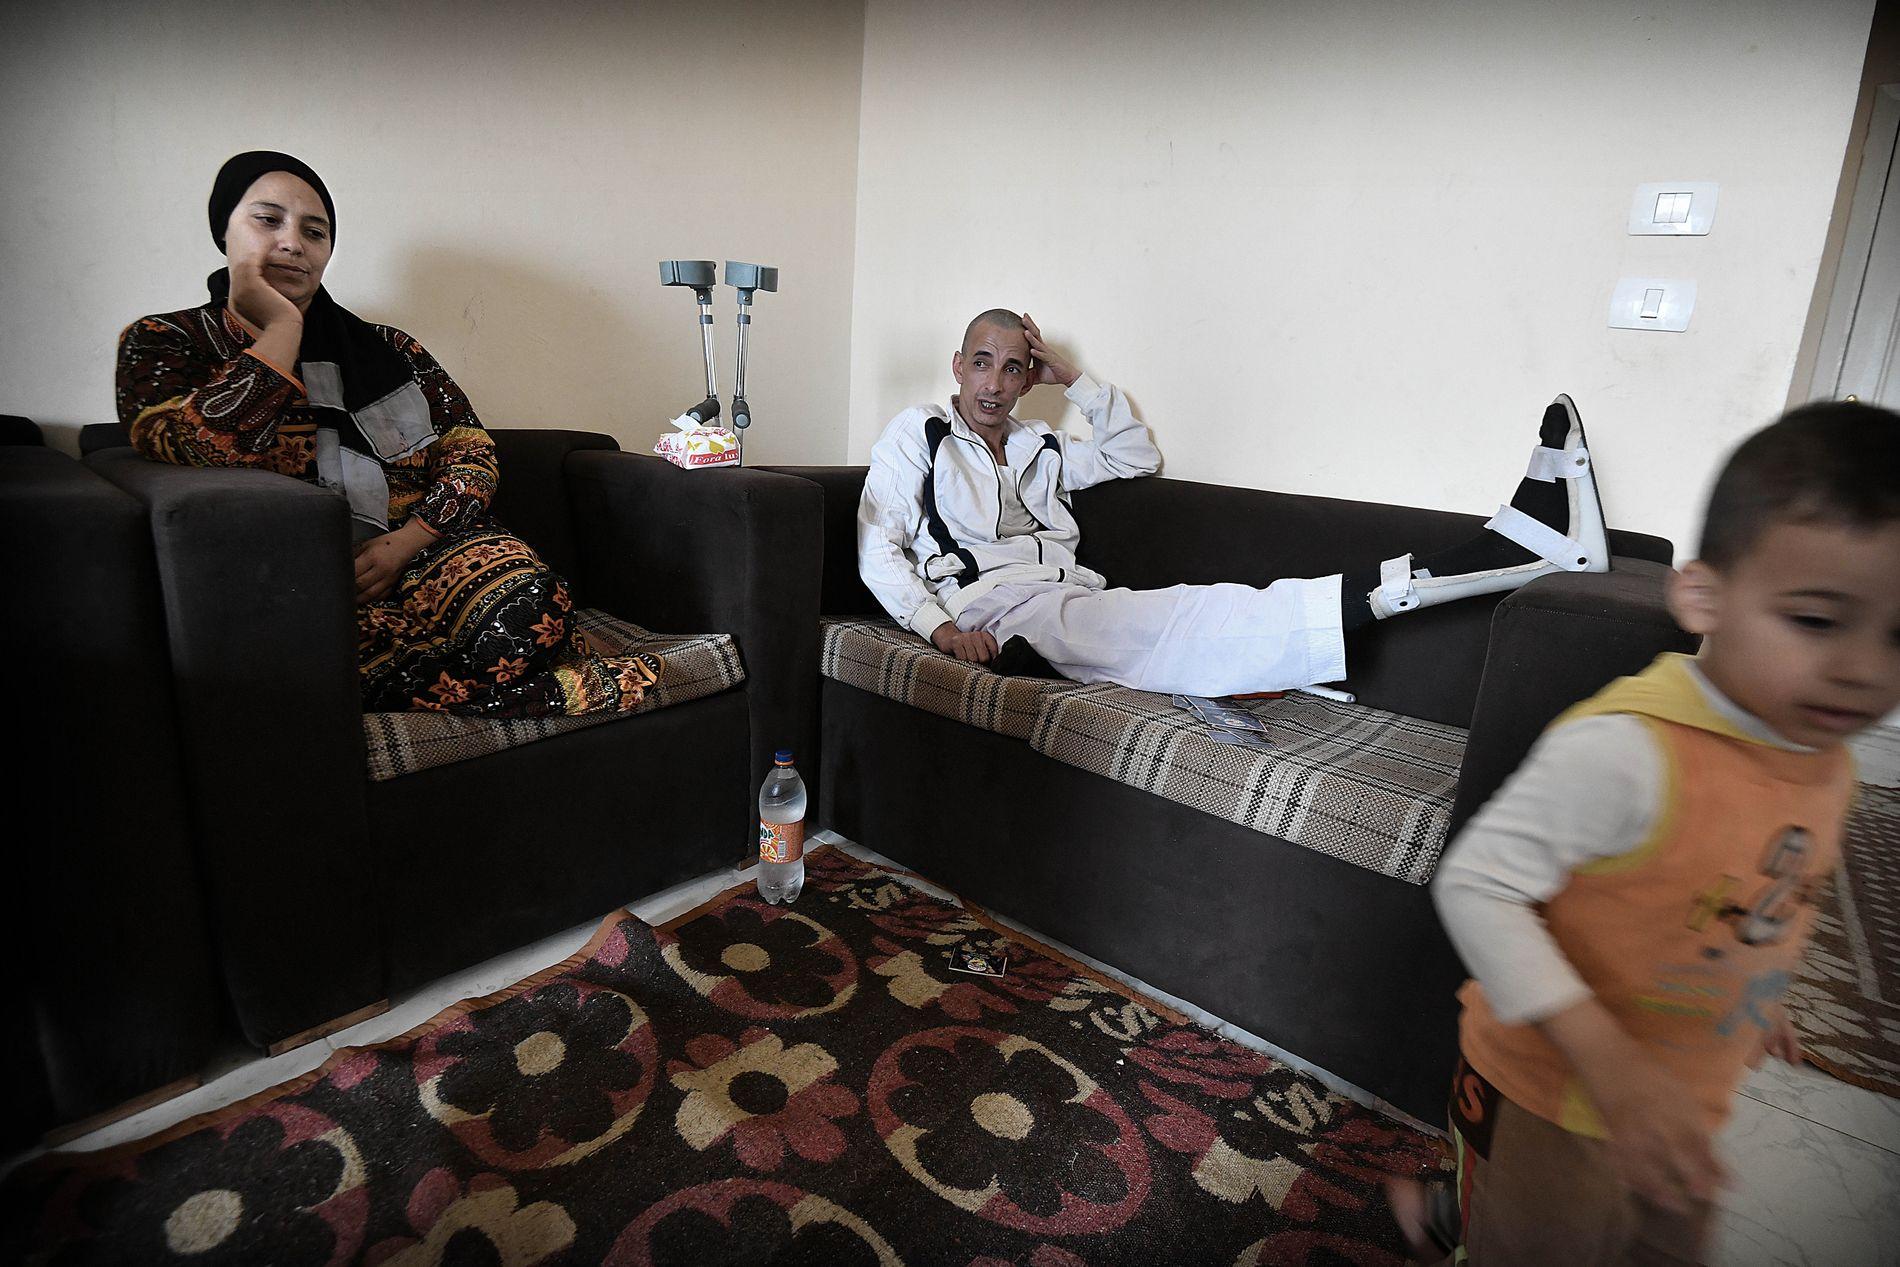 LITE Å RUTTE MED: Firebarnsfaren Abdalrauf Hassan (39), som har brukket beinet, sitter hjemme i stuen i utkanten av Kairo sammen med kona Emnan Mohamed (32) og yngstesønnen Hassan (3).